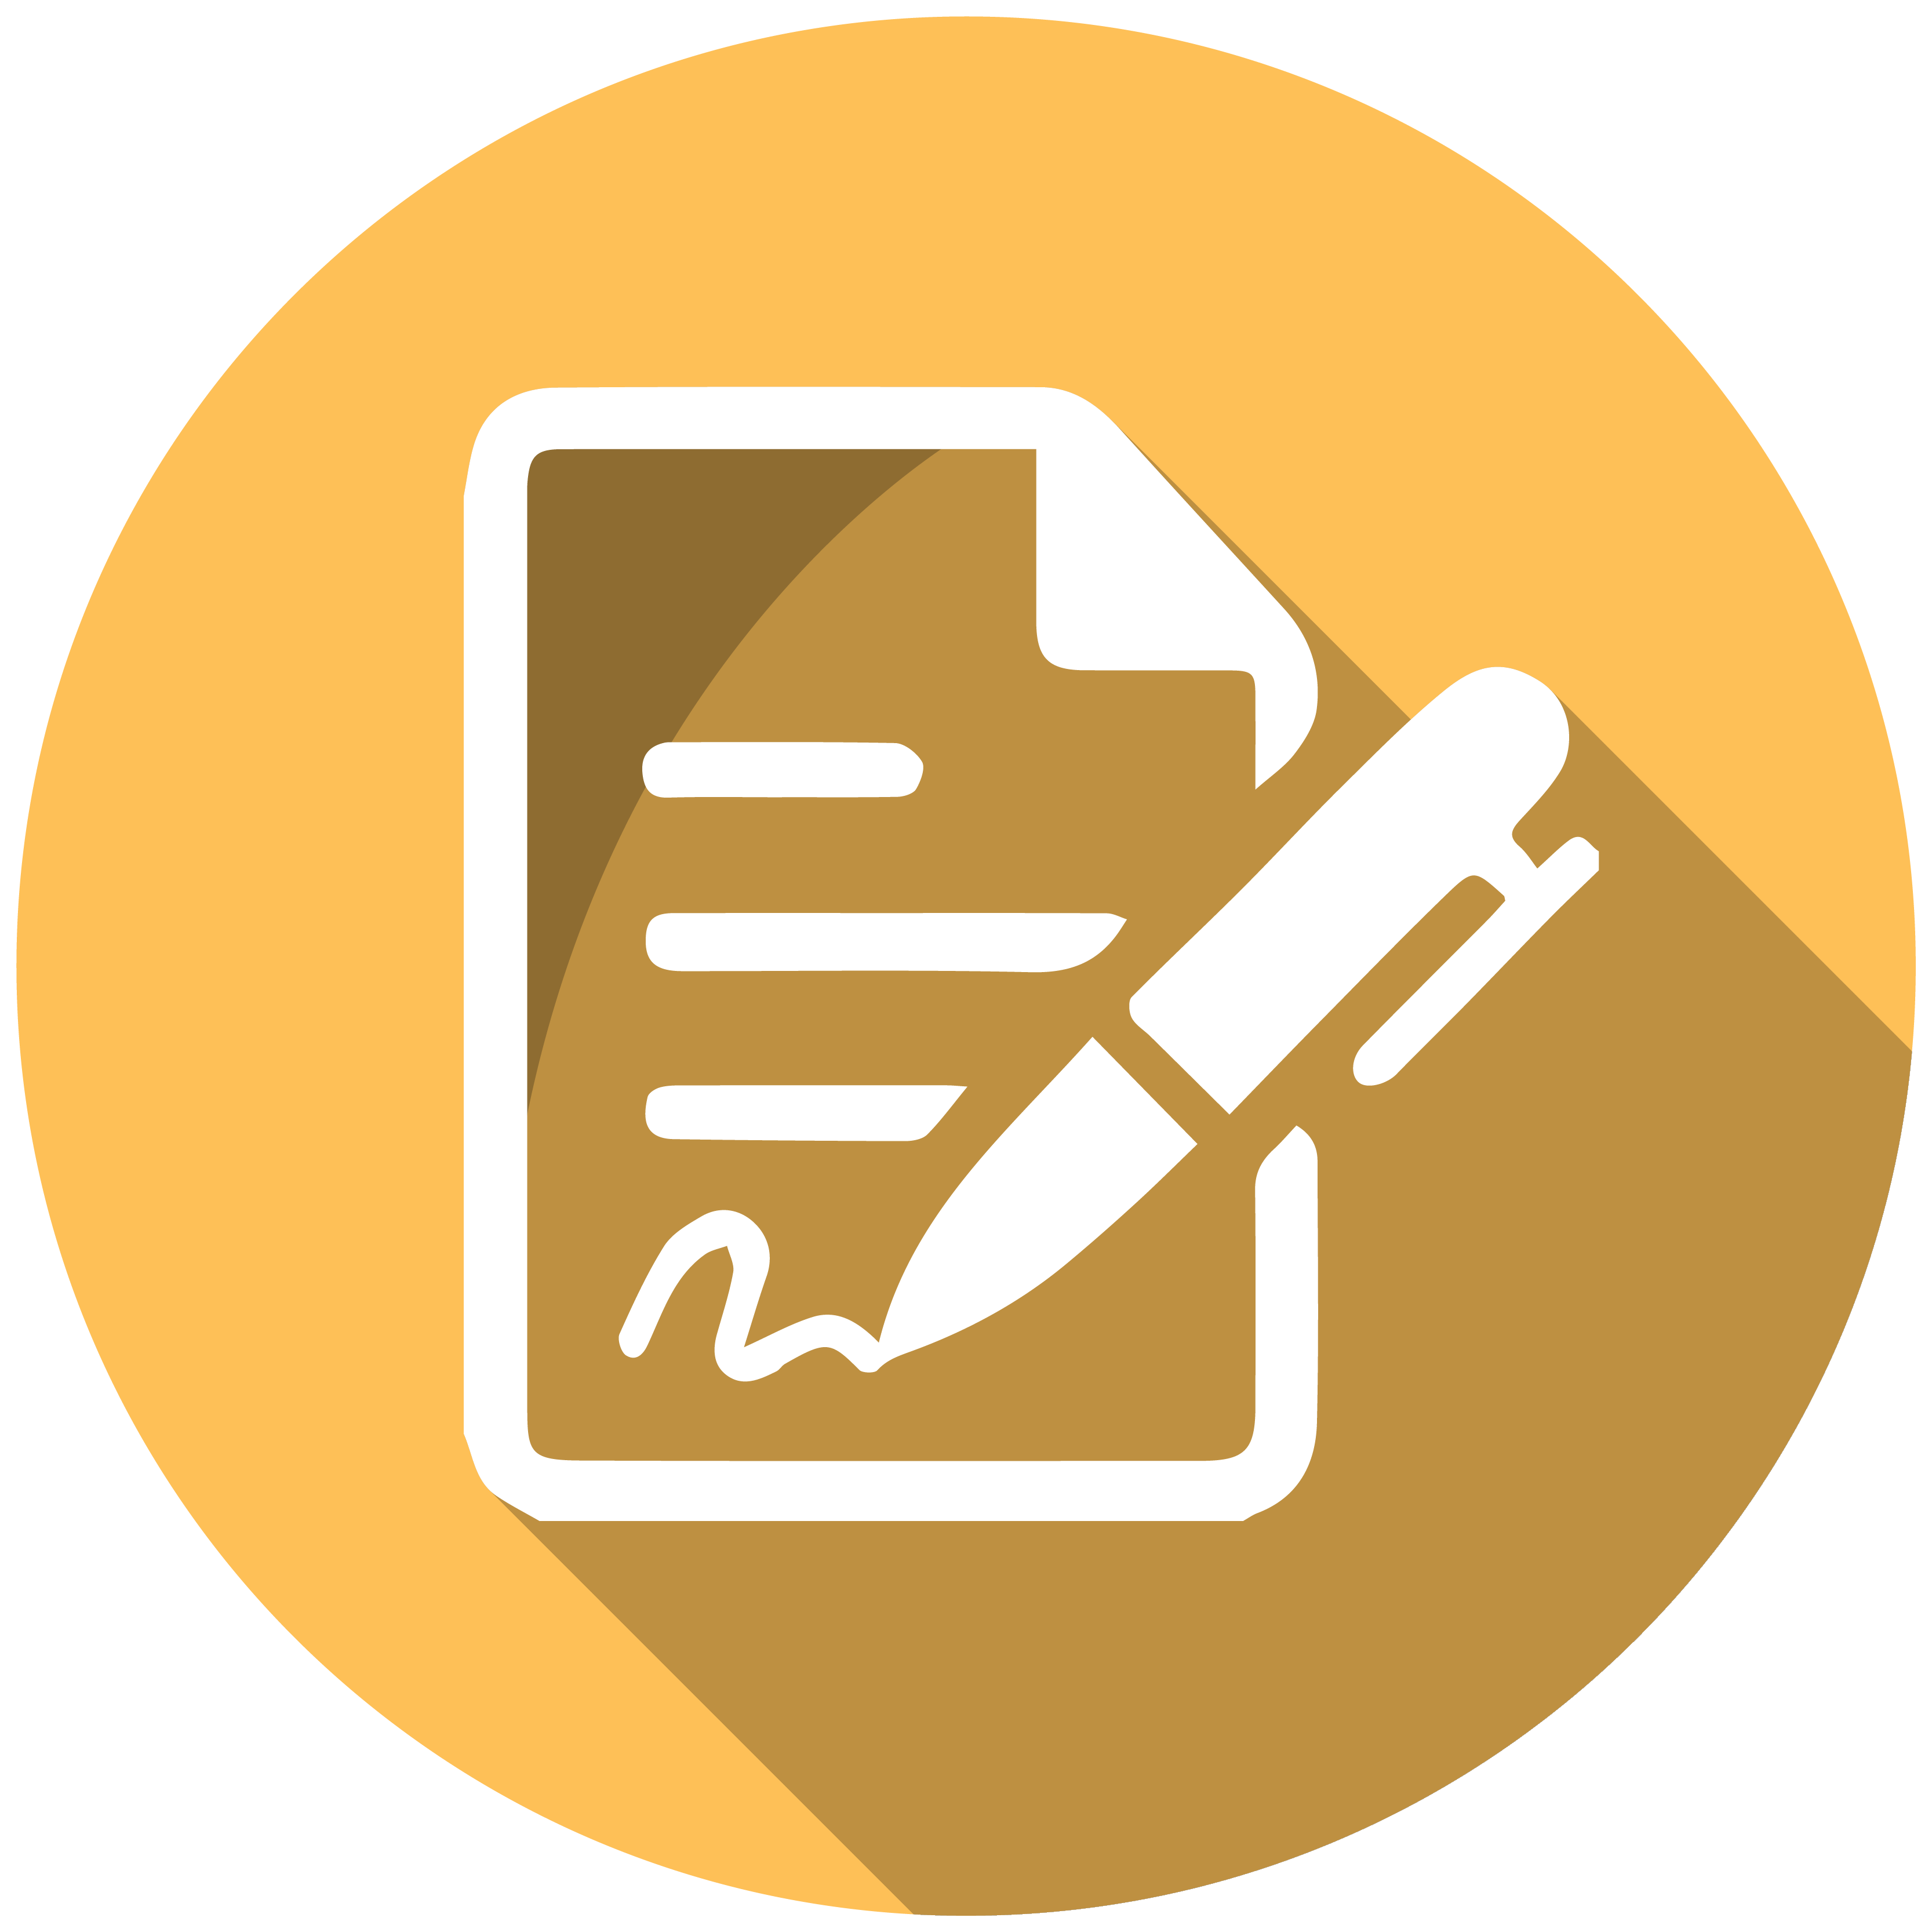 فایل مقاله تعریف و آثار عقد ضمان